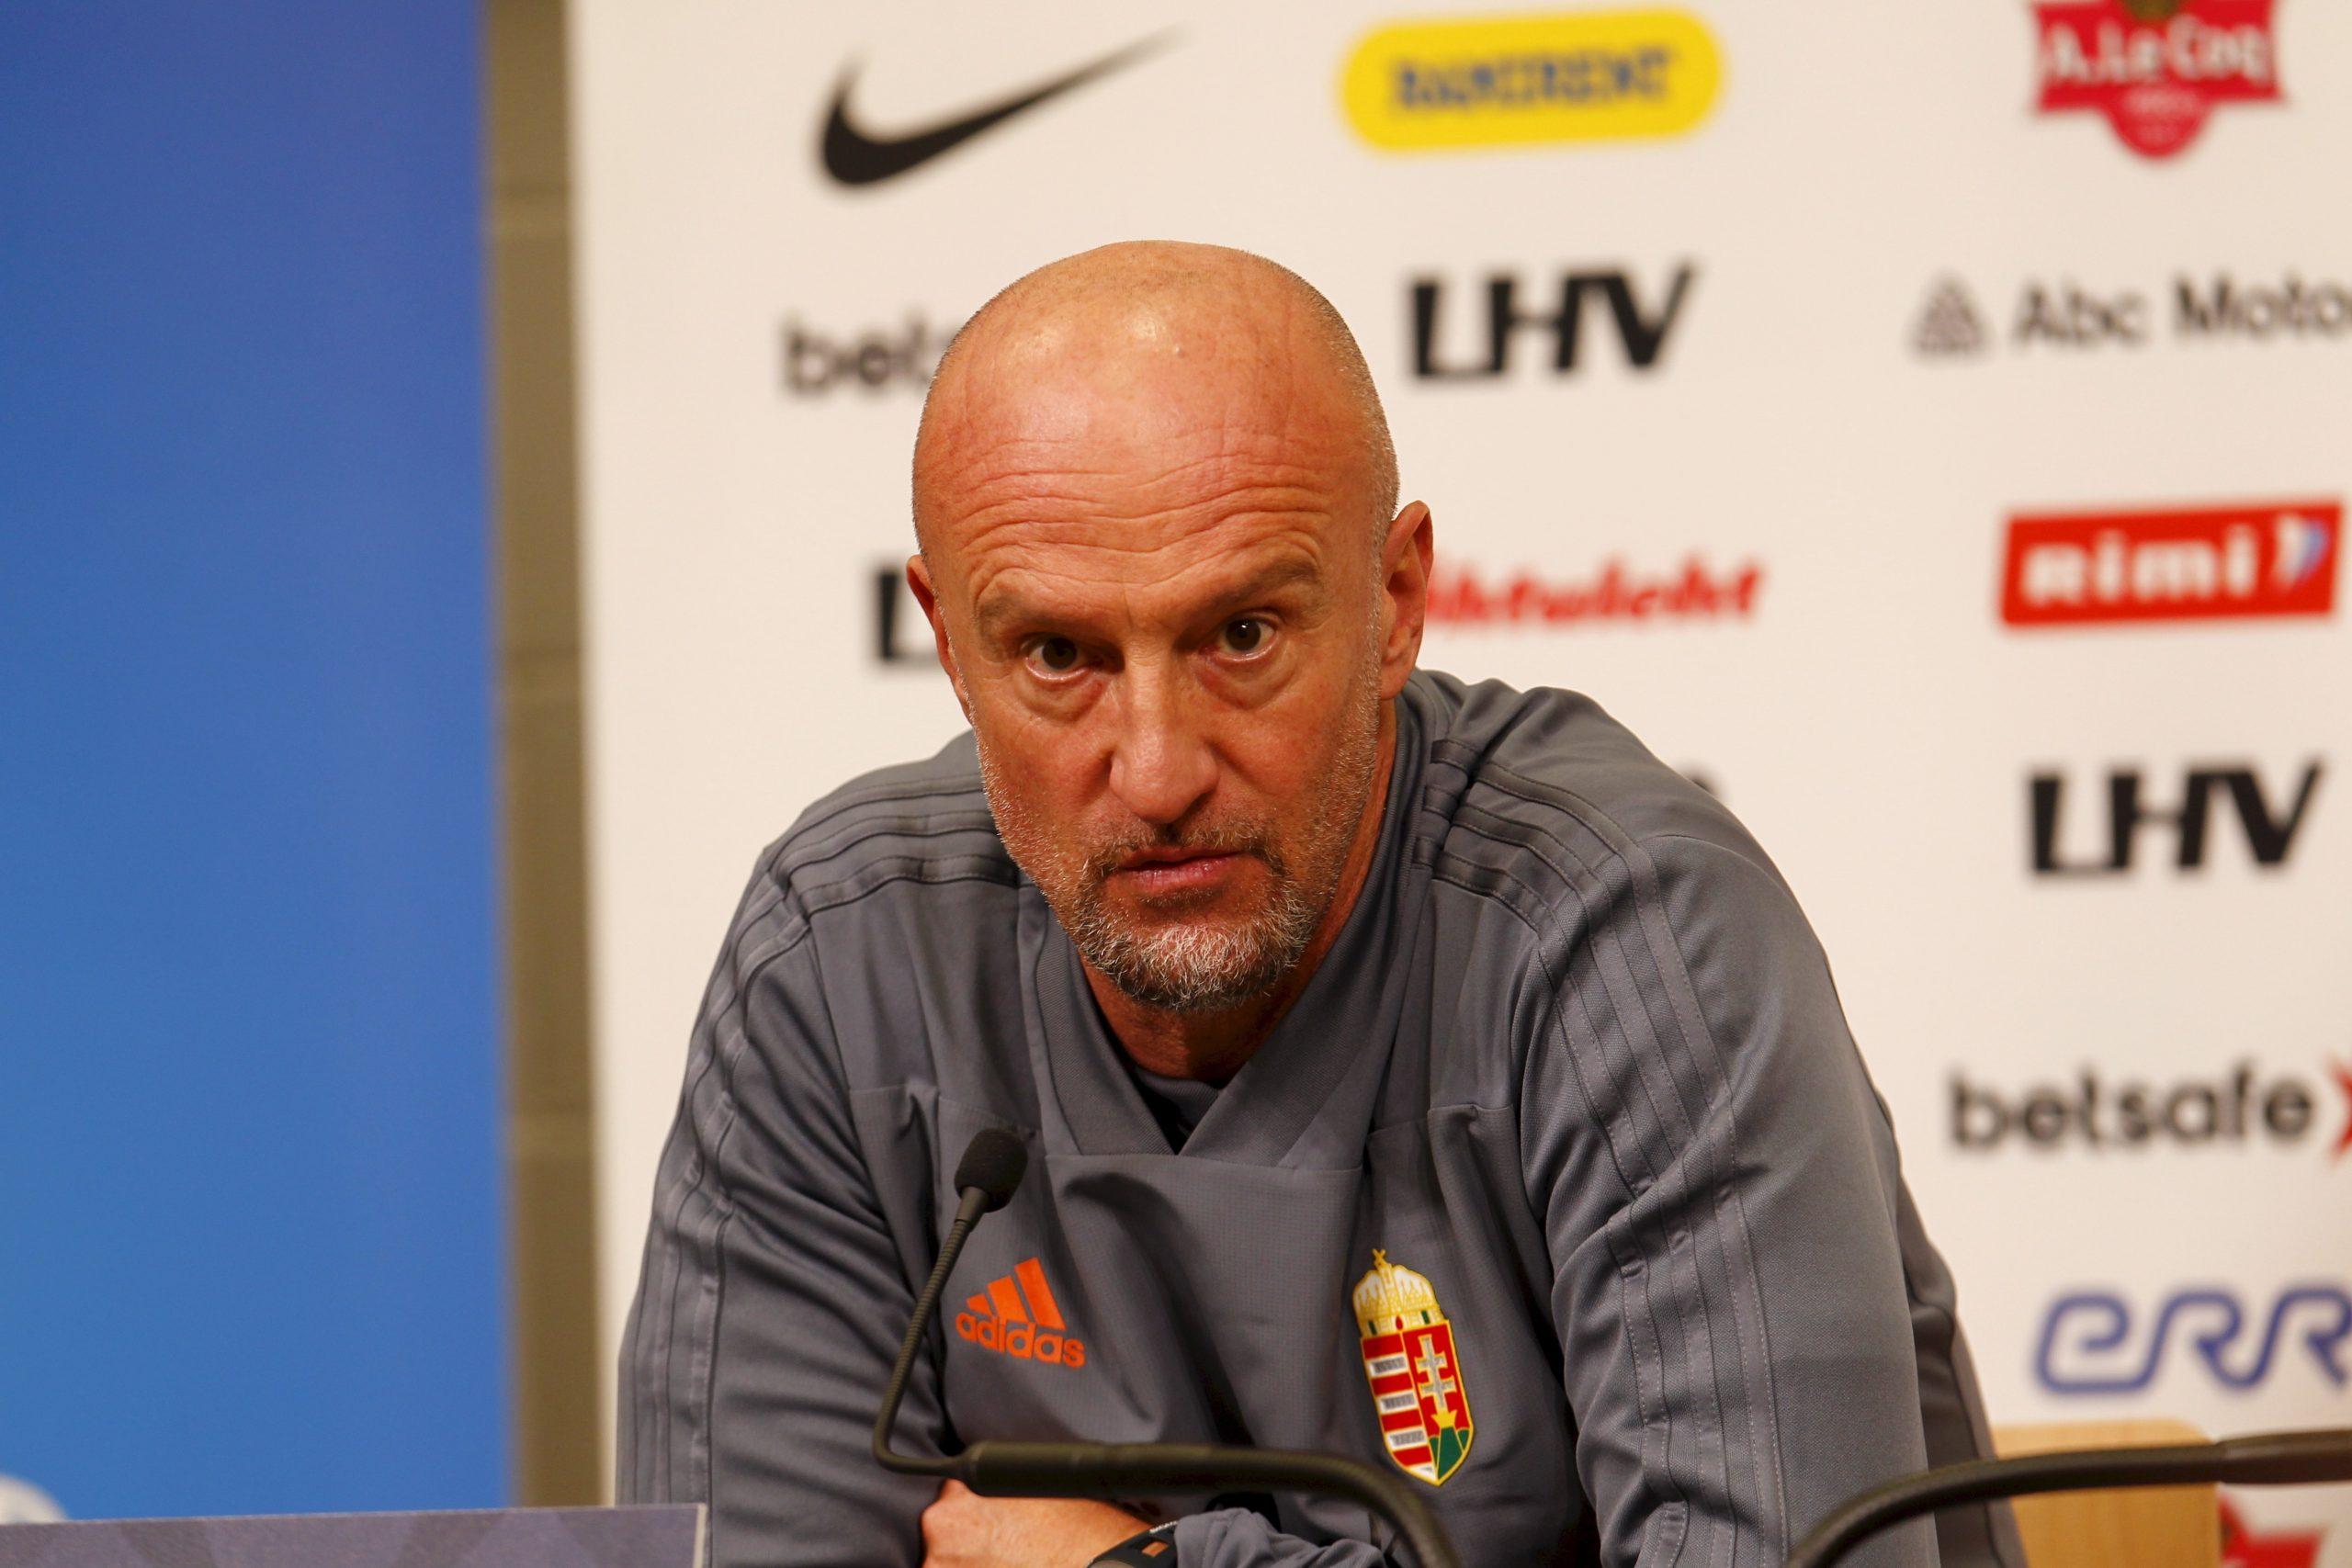 Ungarns Fußball-Nationaltrainer Rossi: Wir haben alles zusammen erreicht